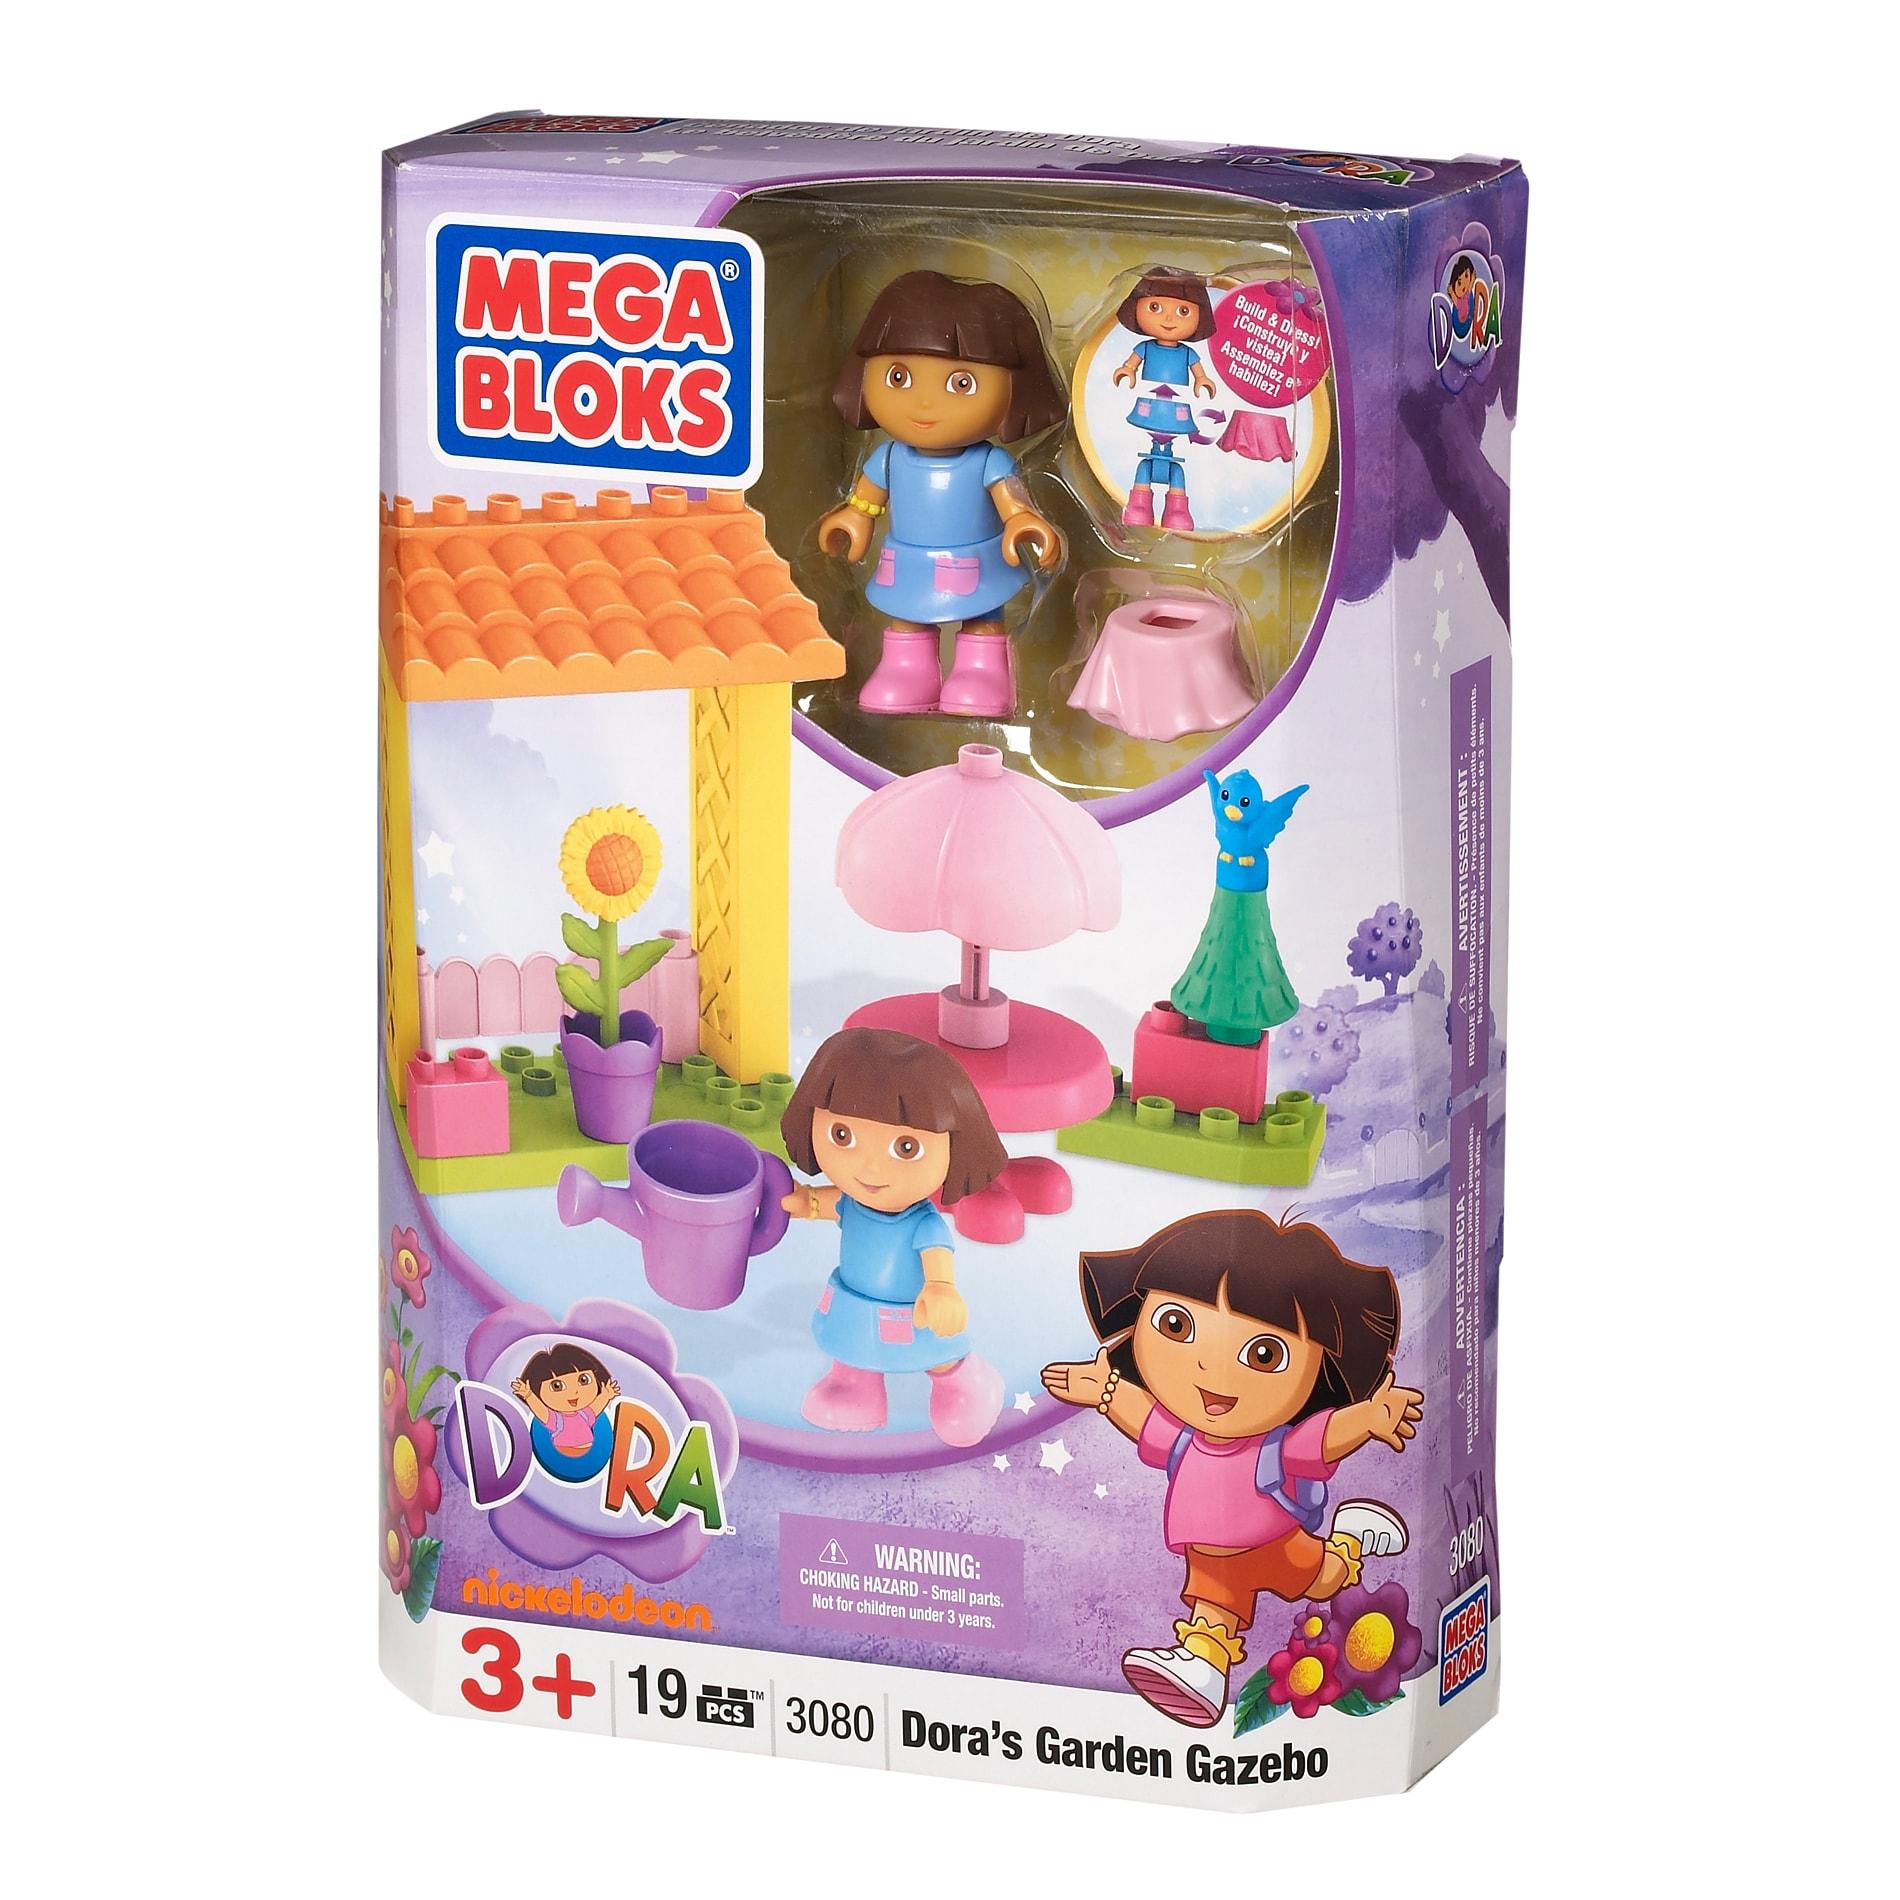 Mega Bloks Dora The Explorer Garden Gazebo Play Set